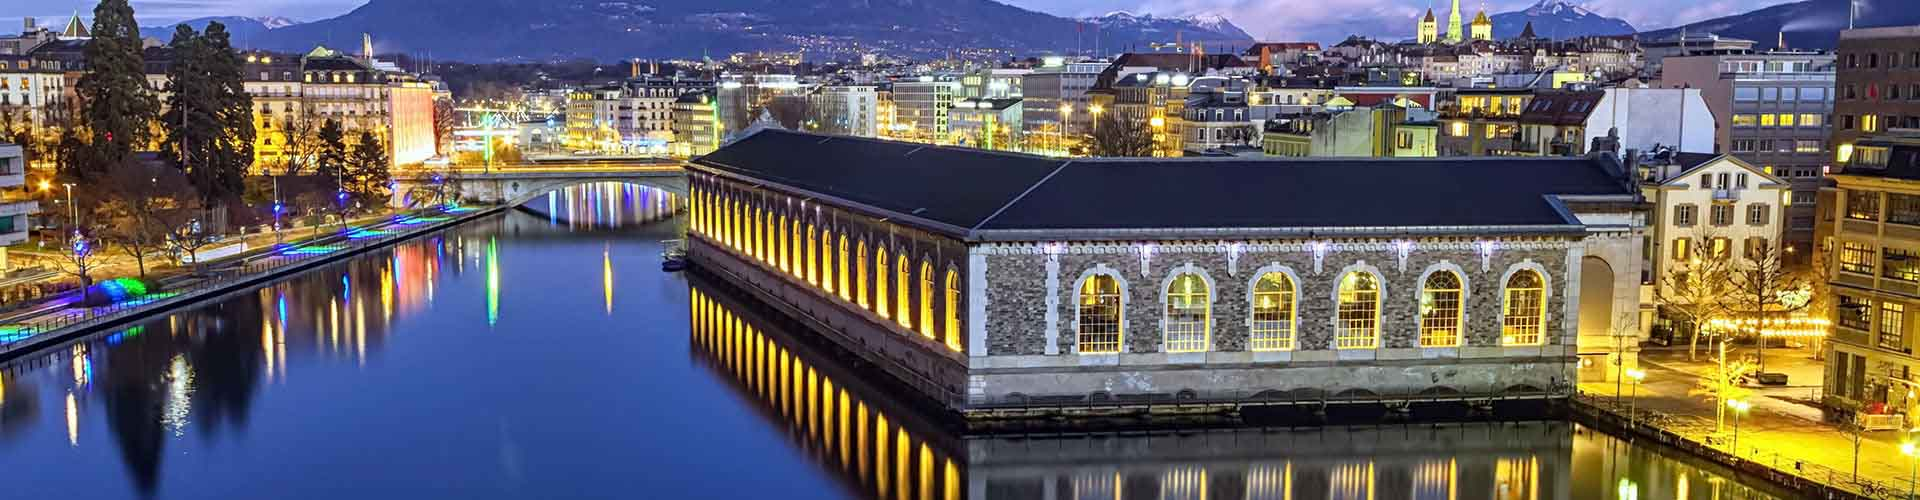 Ginebra - Campamentos en el distrito Pâquis-Temple. Mapas de Ginebra, Fotos y comentarios de cada Campamento en Ginebra.